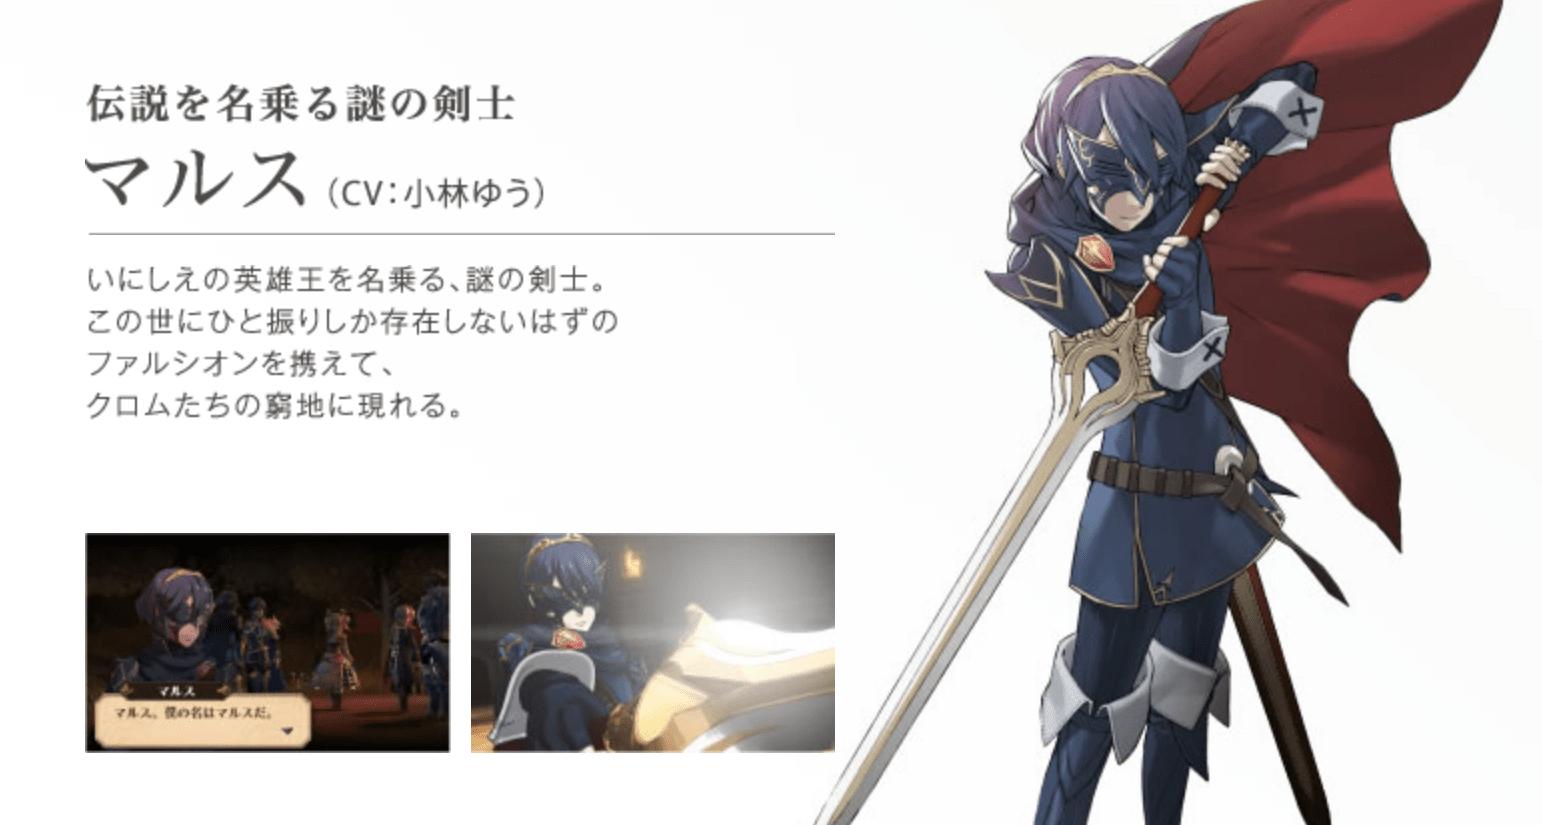 謎の剣士マルスの公式ページスクショ